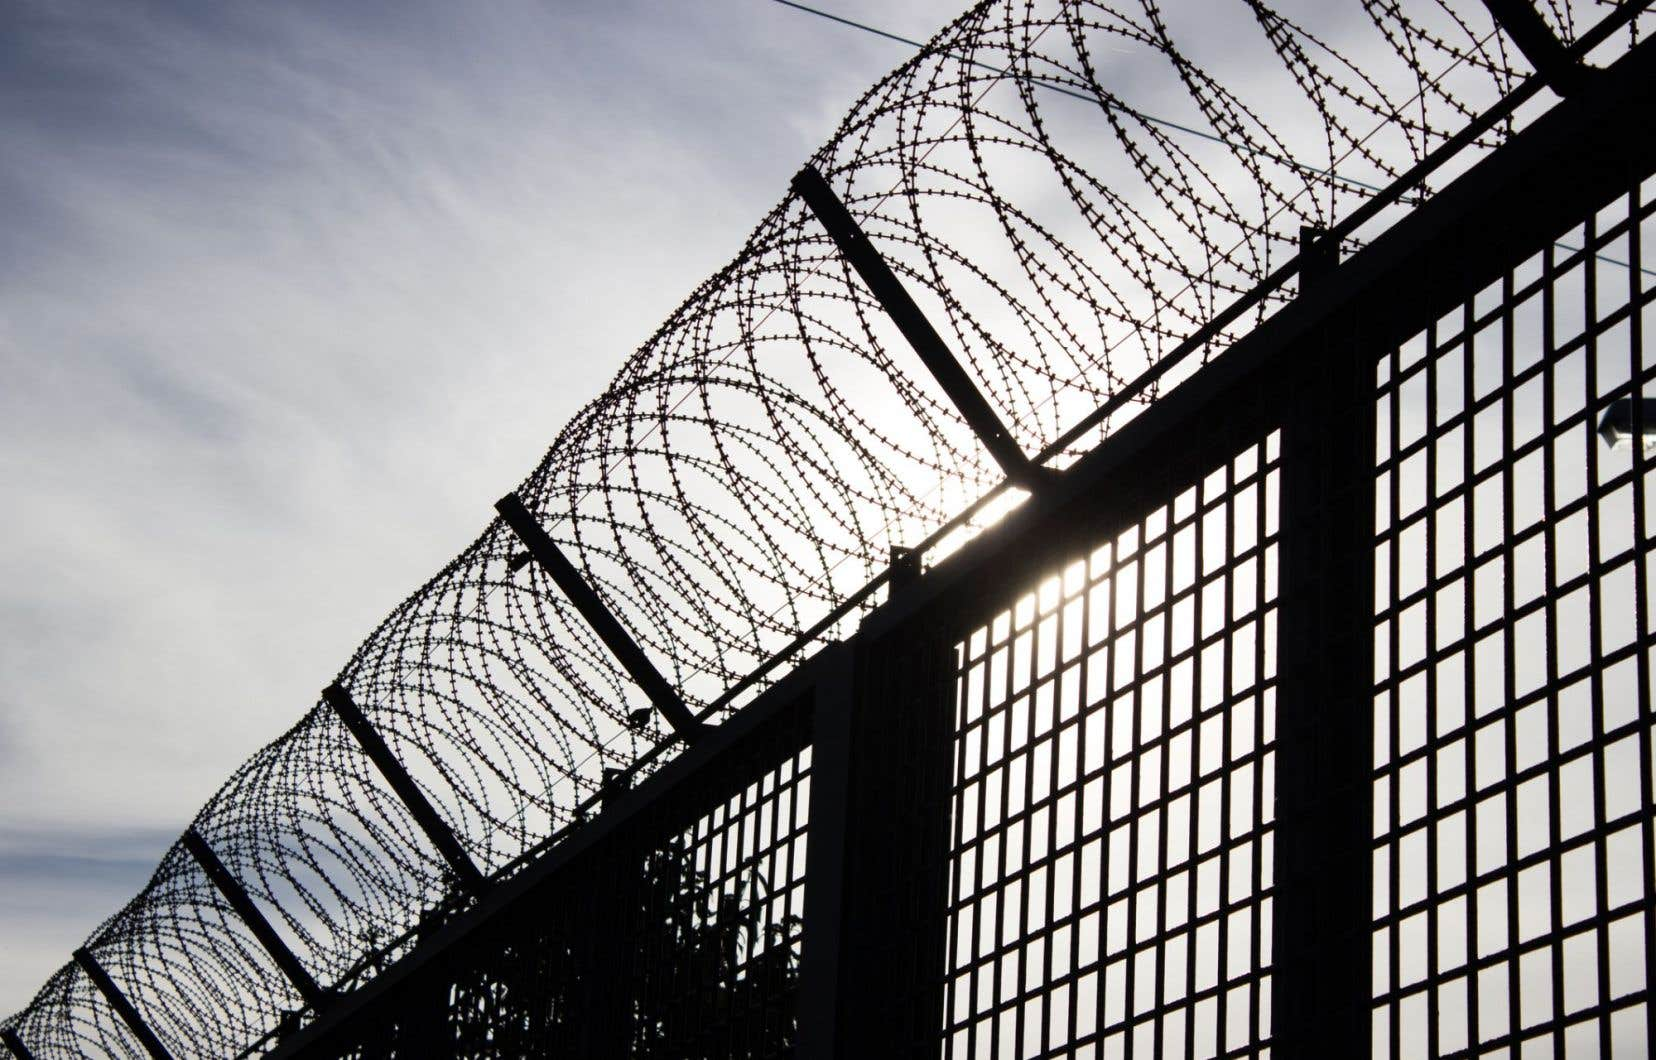 Cette ancienne prison, construite en 1950 et convertie en 1996, a gardé plusieurs caractéristiques de l'univers carcéral, notamment de hautes clôtures surmontées de barbelés.